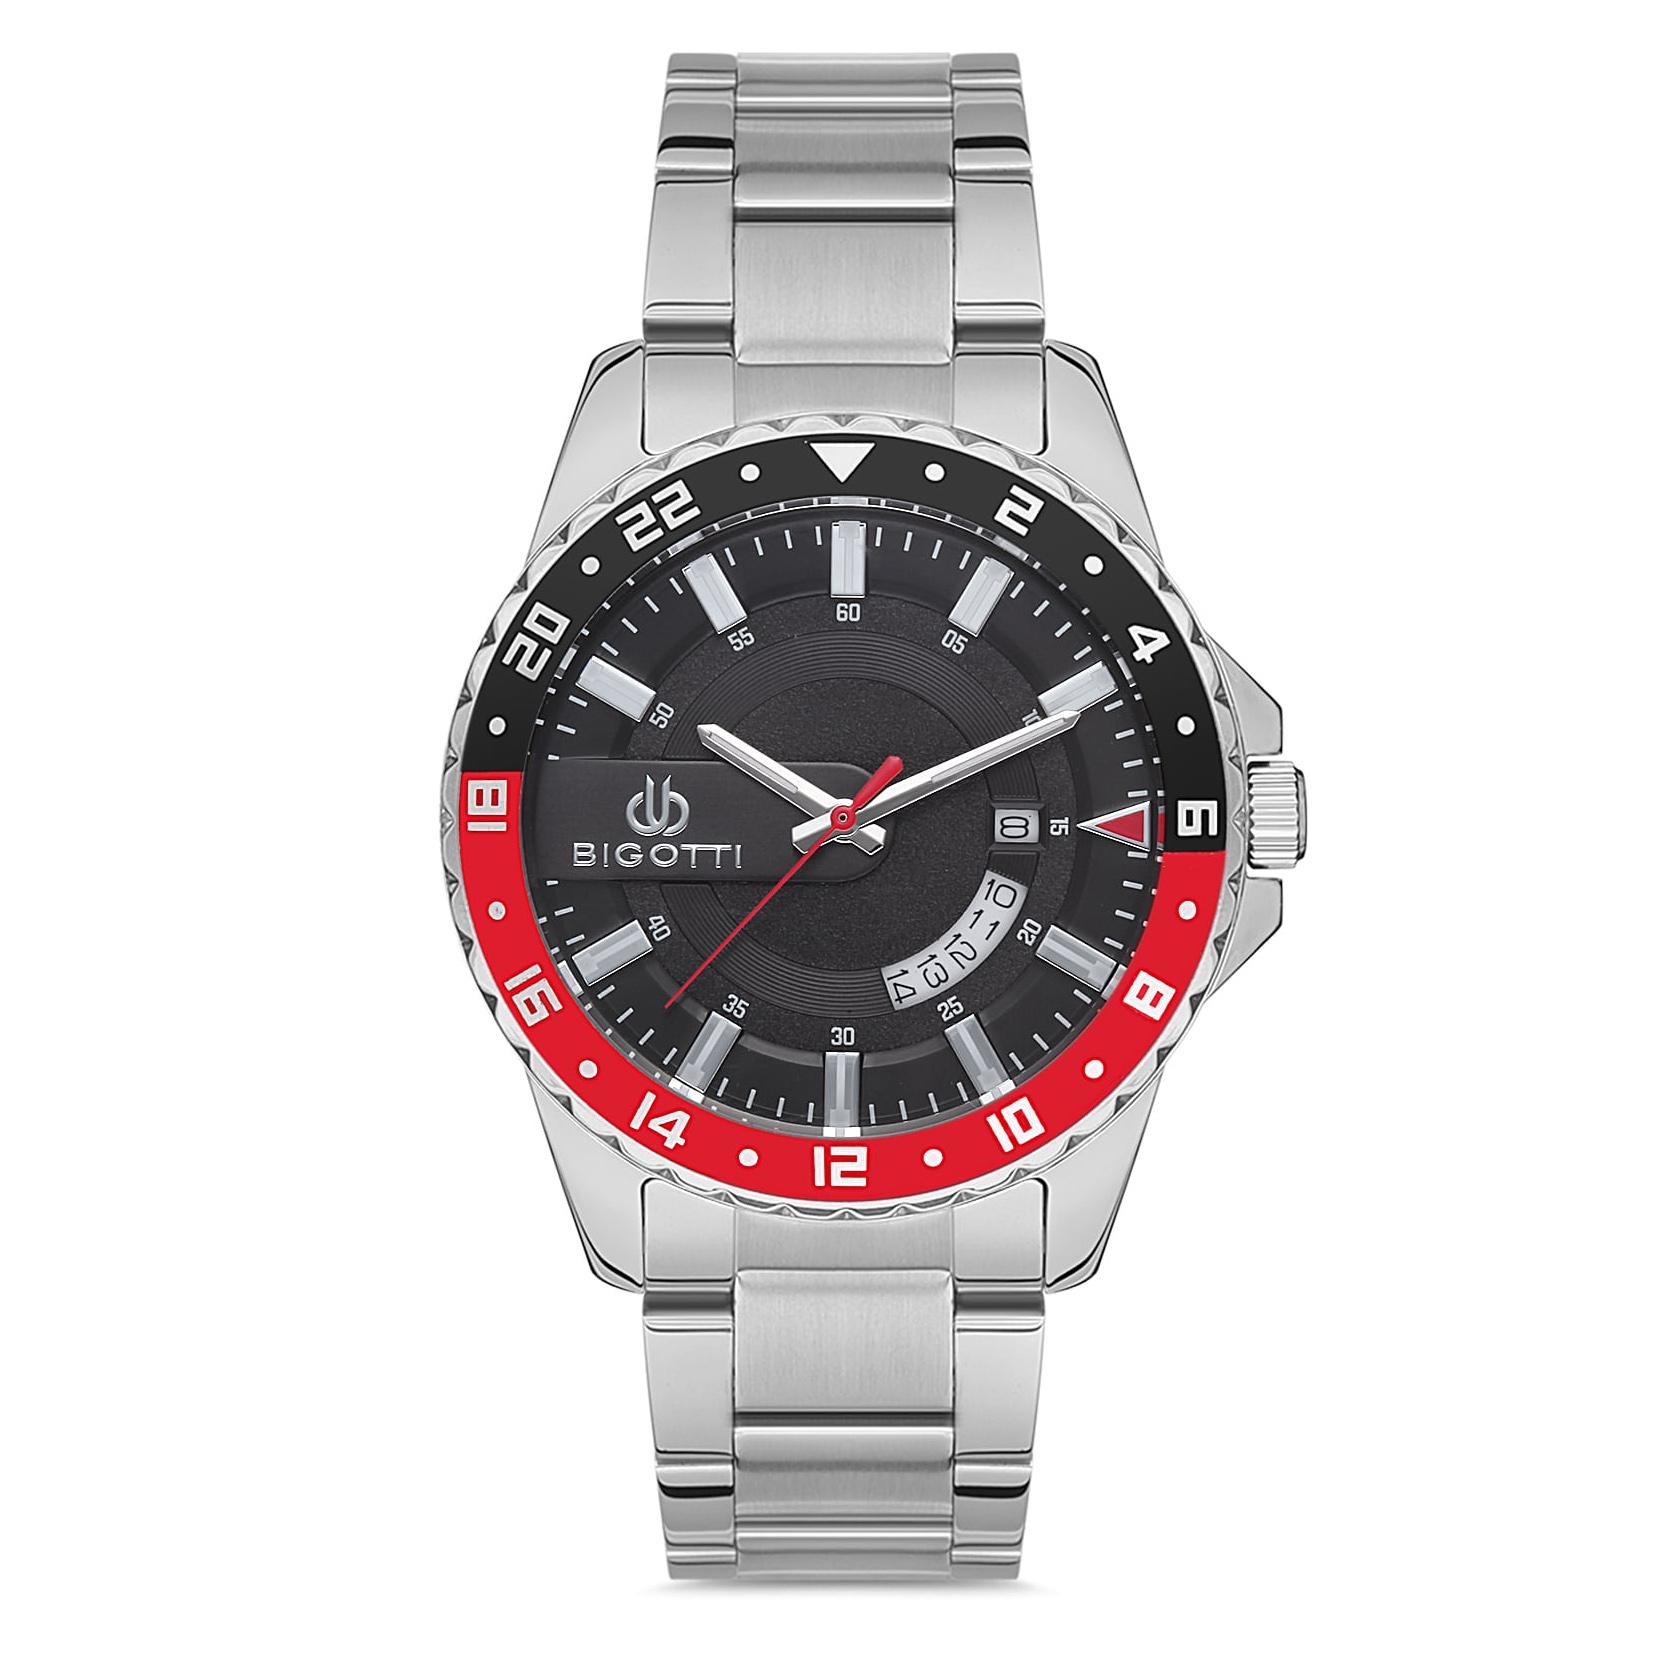 ساعت مچی عقربهای مردانه بیگوتی مدل BGT.1.10180.1